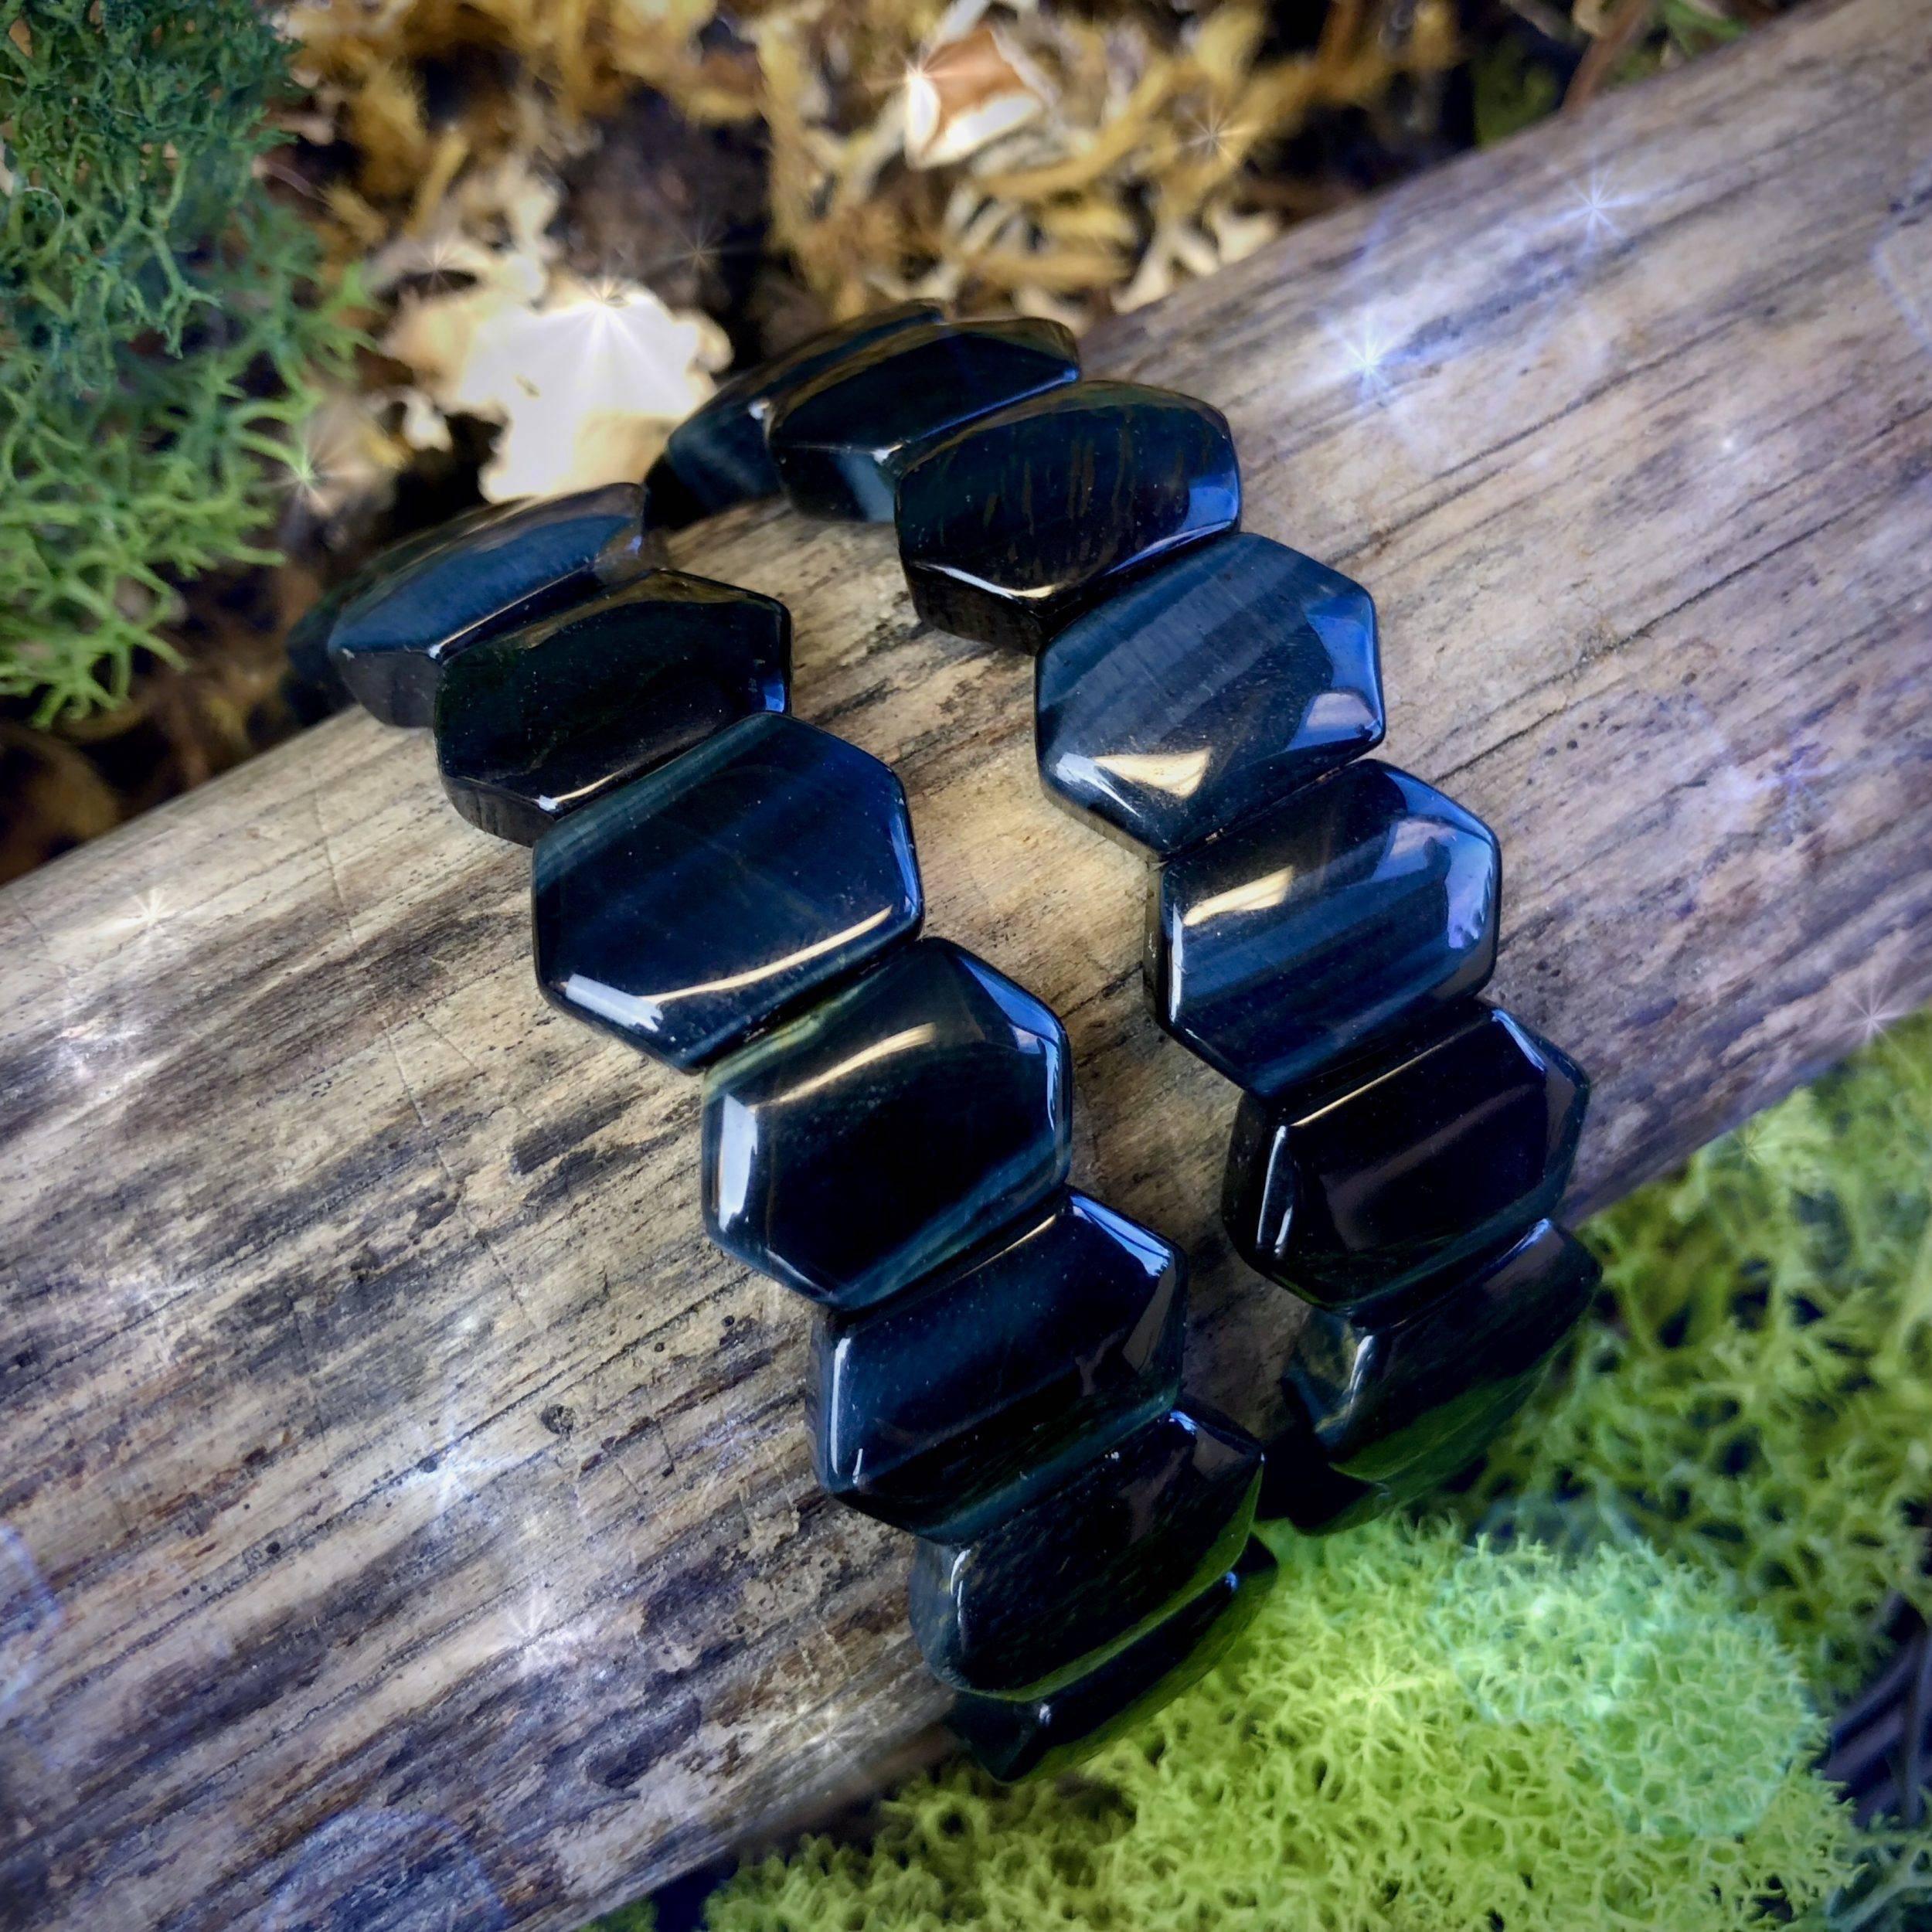 Wisdom_and_Protection_Journey_Bracelets_DD_Blue Tiger's Eye Bracelet_5of6_9_26